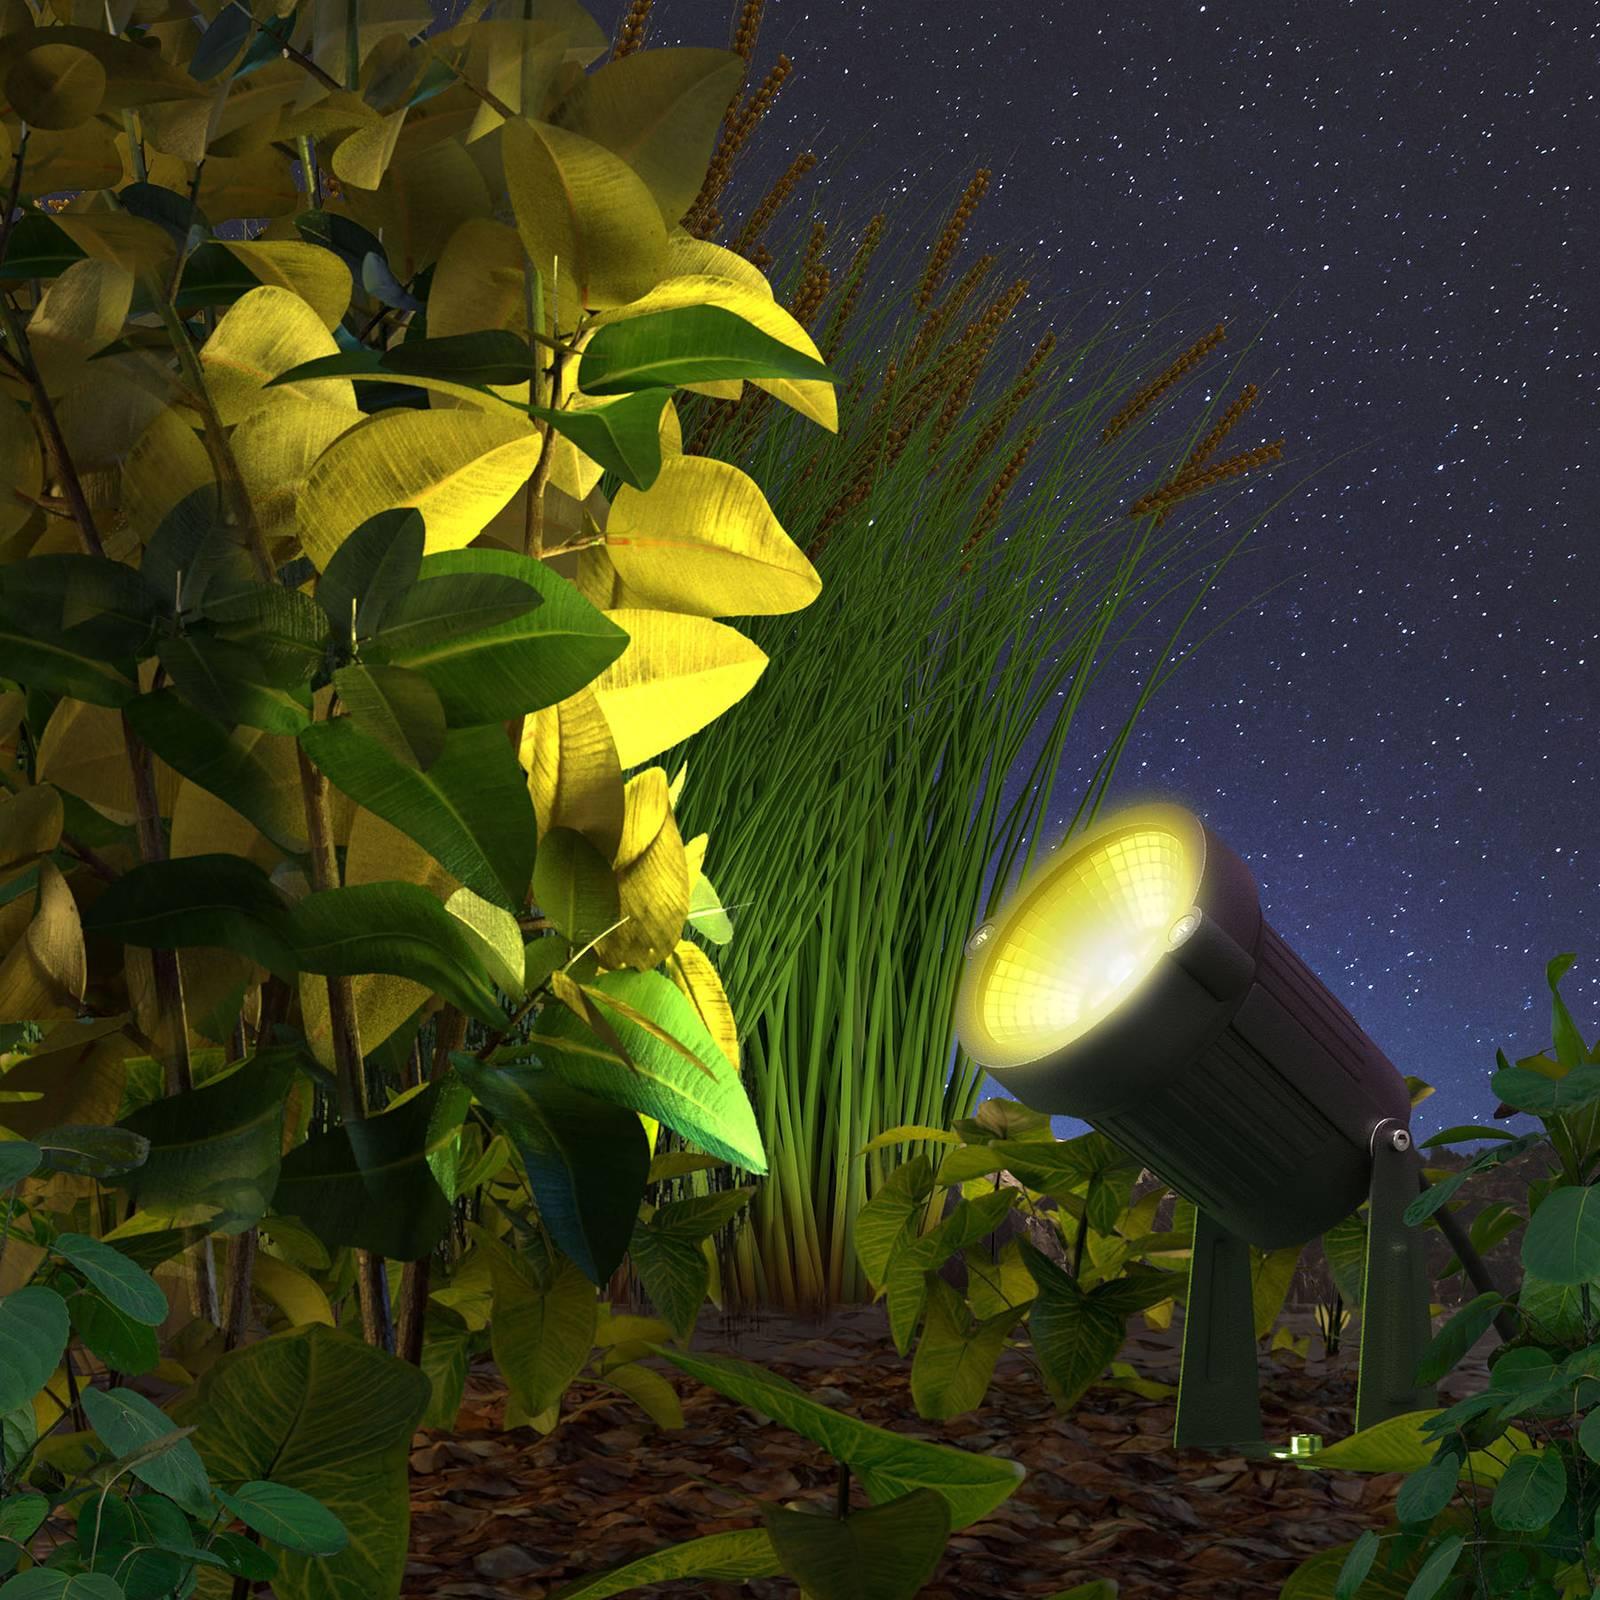 Innr LED-Außenstrahler Smart Outdoor, 3er Packung